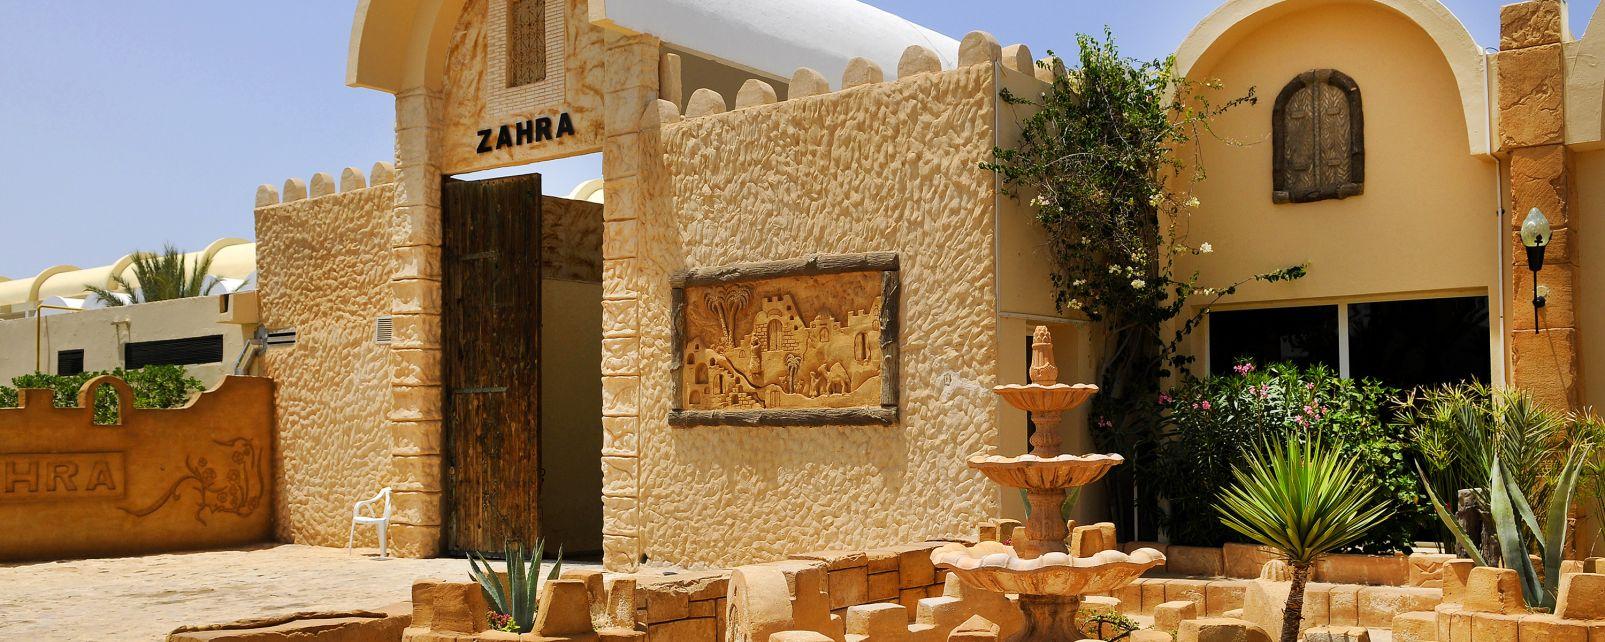 Hôtel Zahra - Dar Djerba